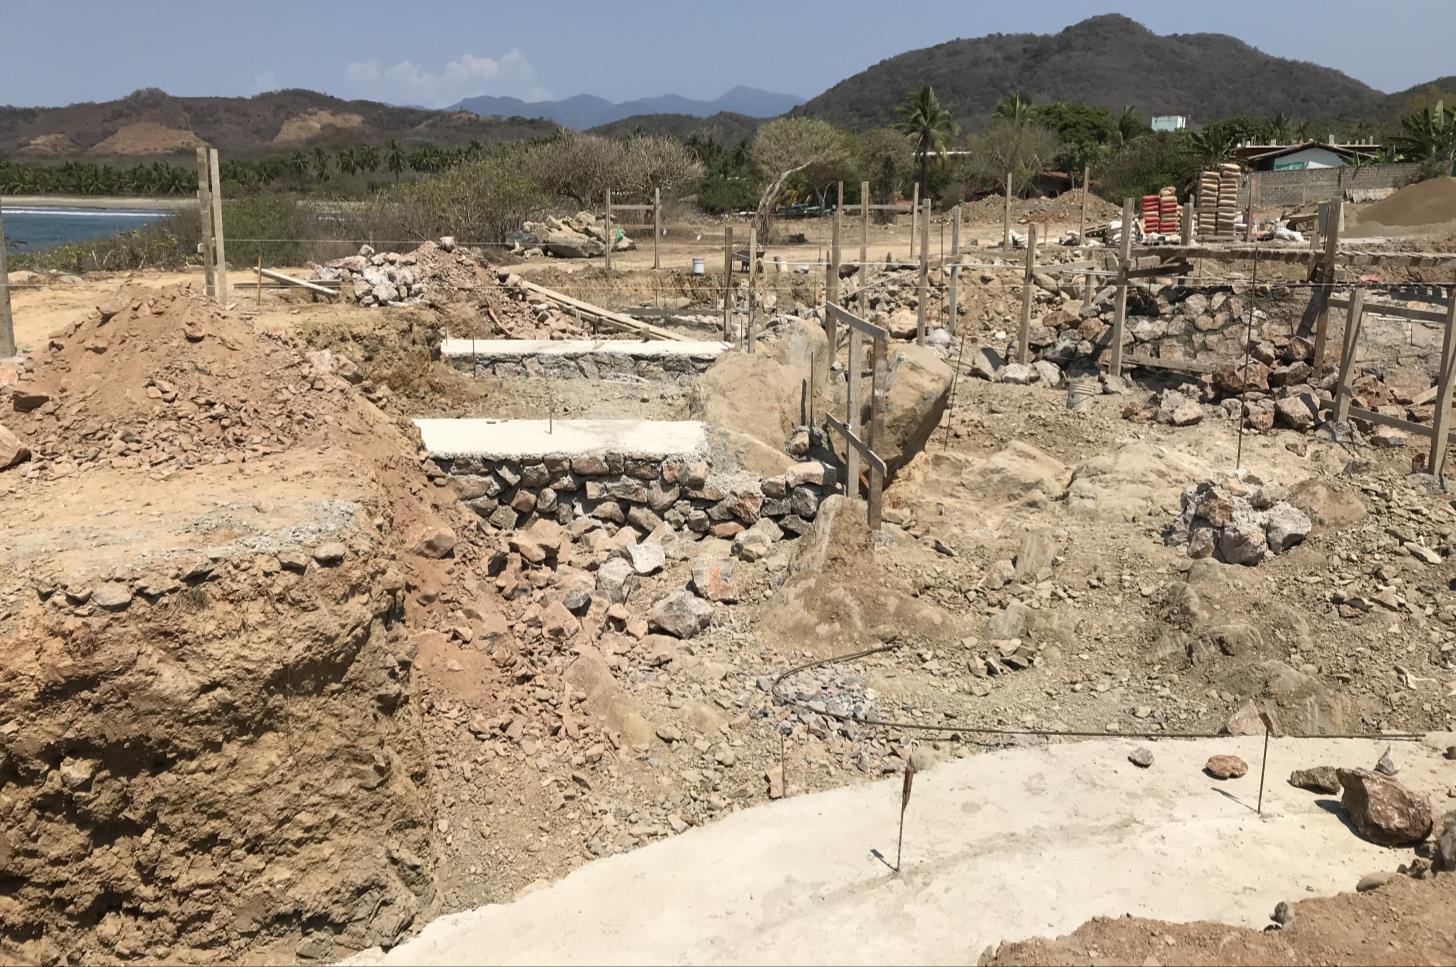 REPORTE-FOTOGRAFICO-PUNTA-MAJAHUA-05-10-DE-MARZO-DEL-2018-023.jpg